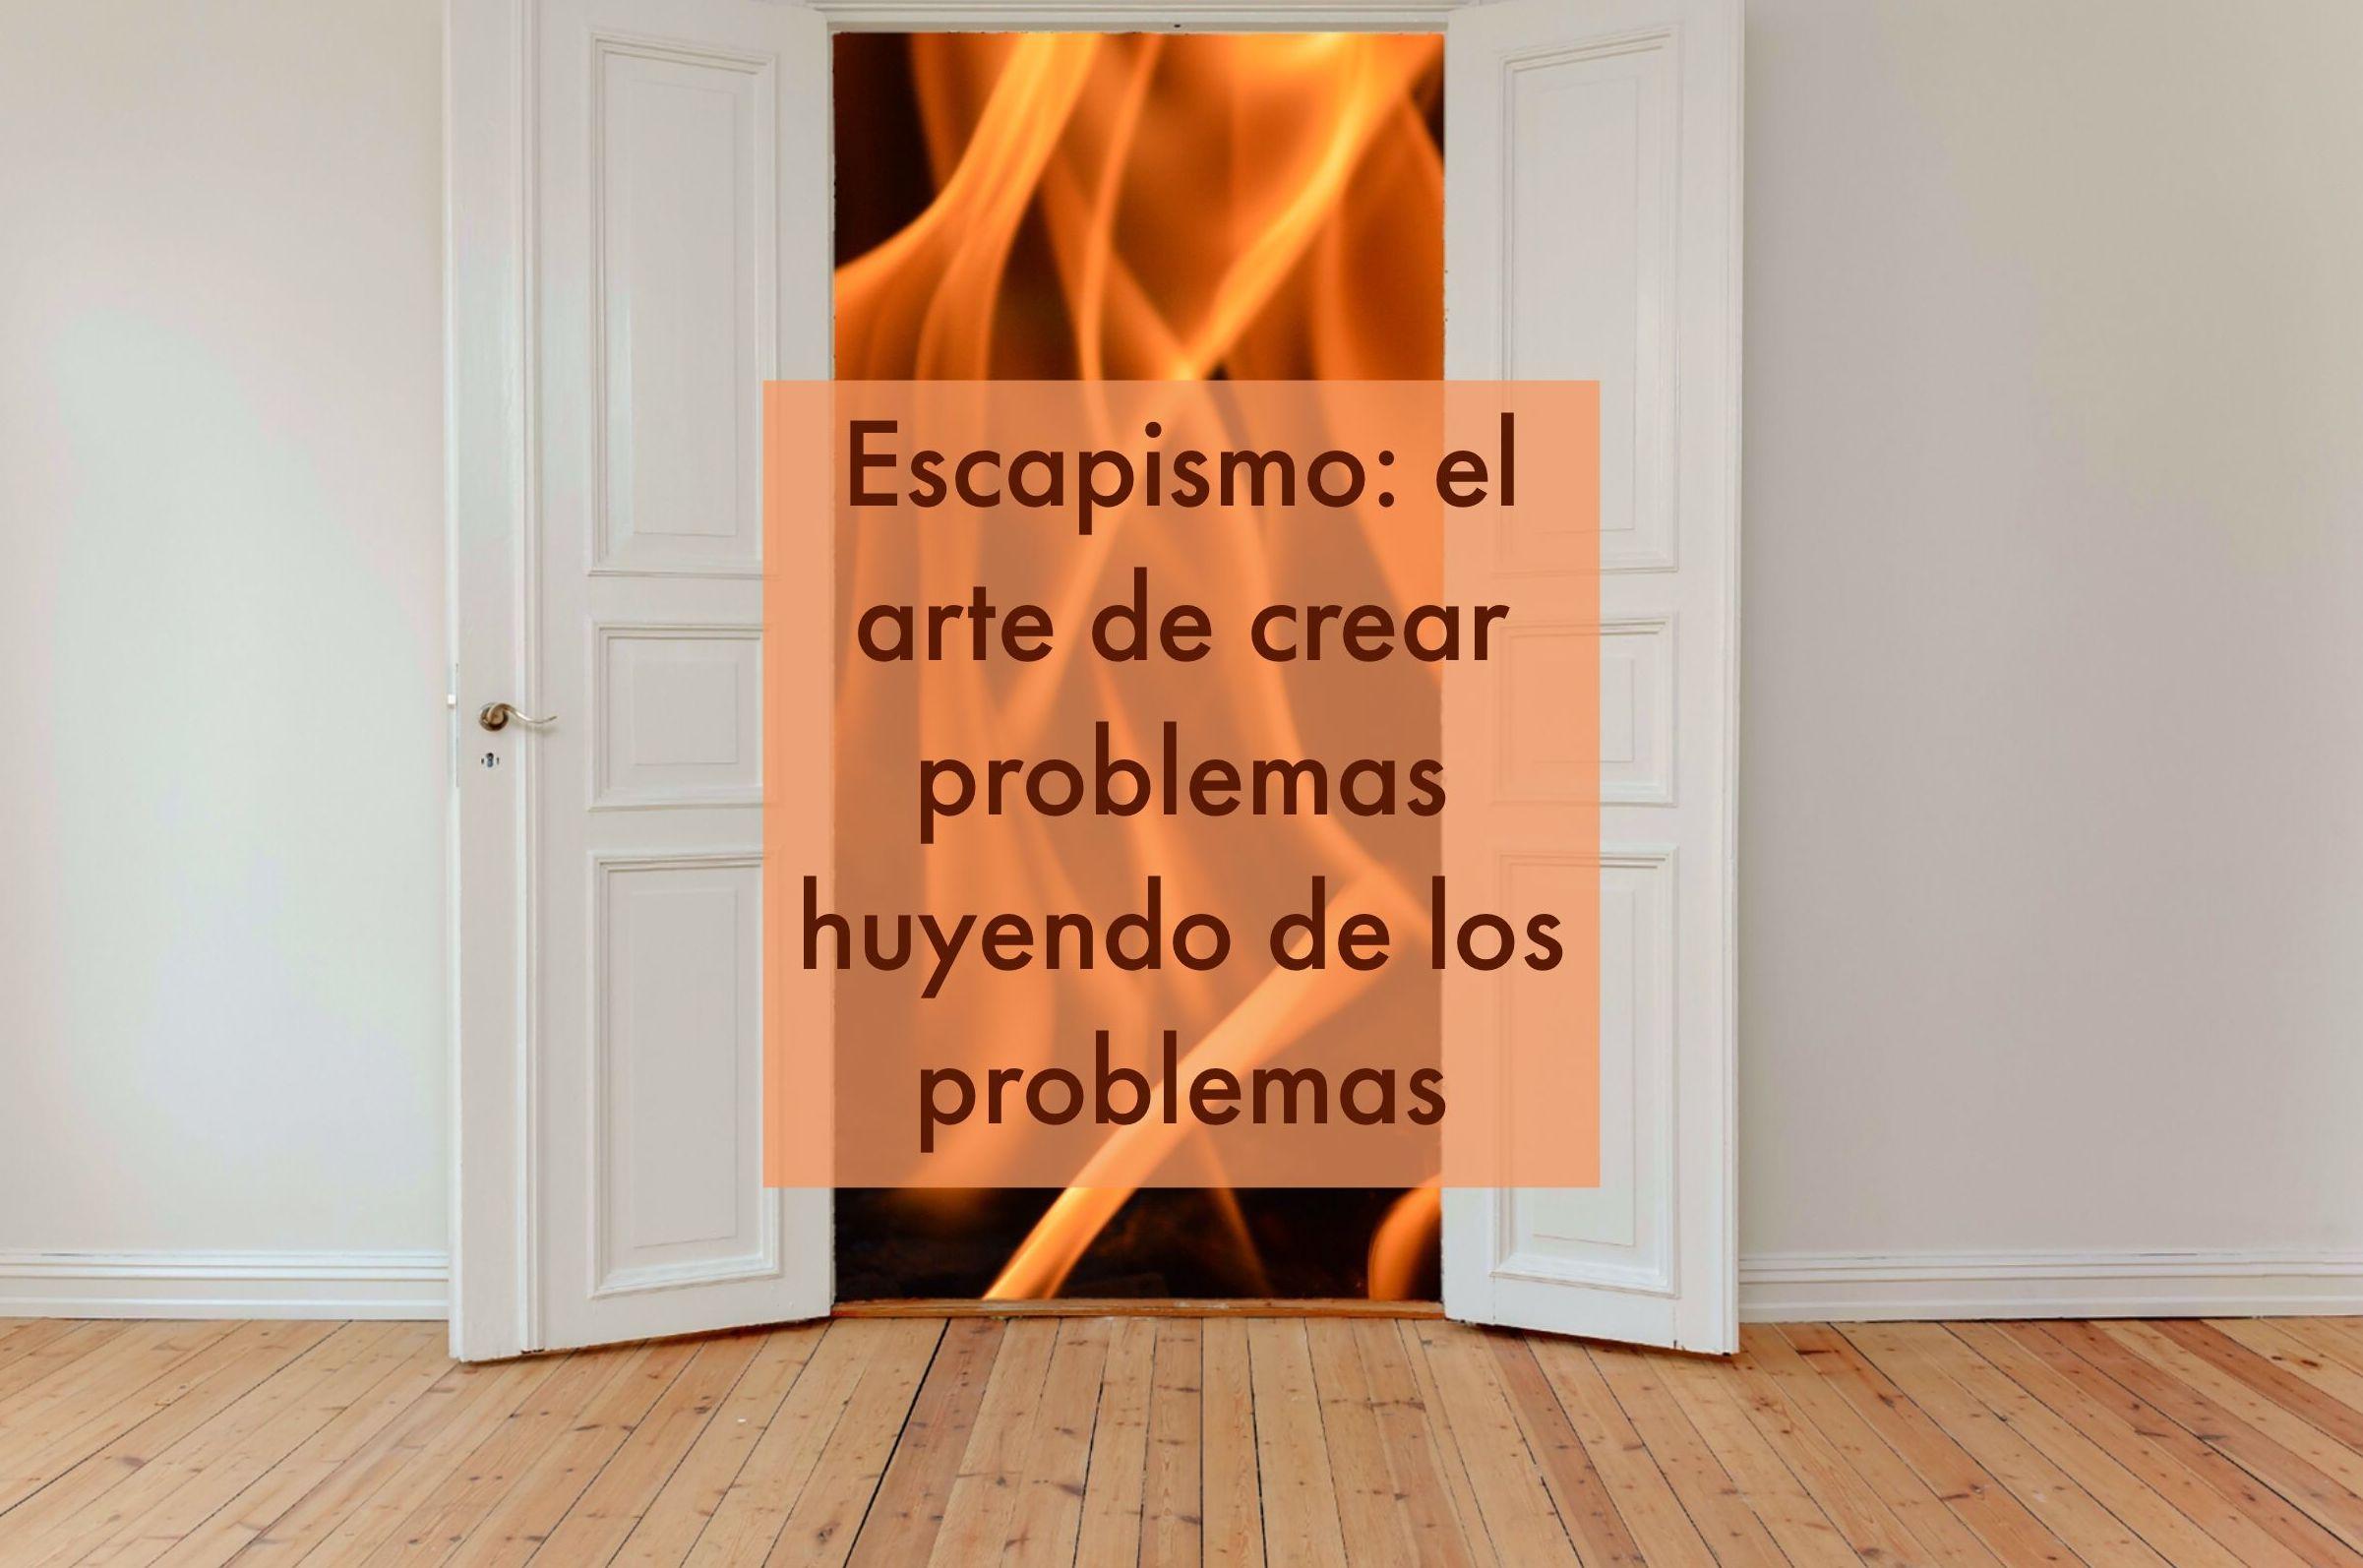 Escapismo: el arte de crear problemas huyendo de los problemas